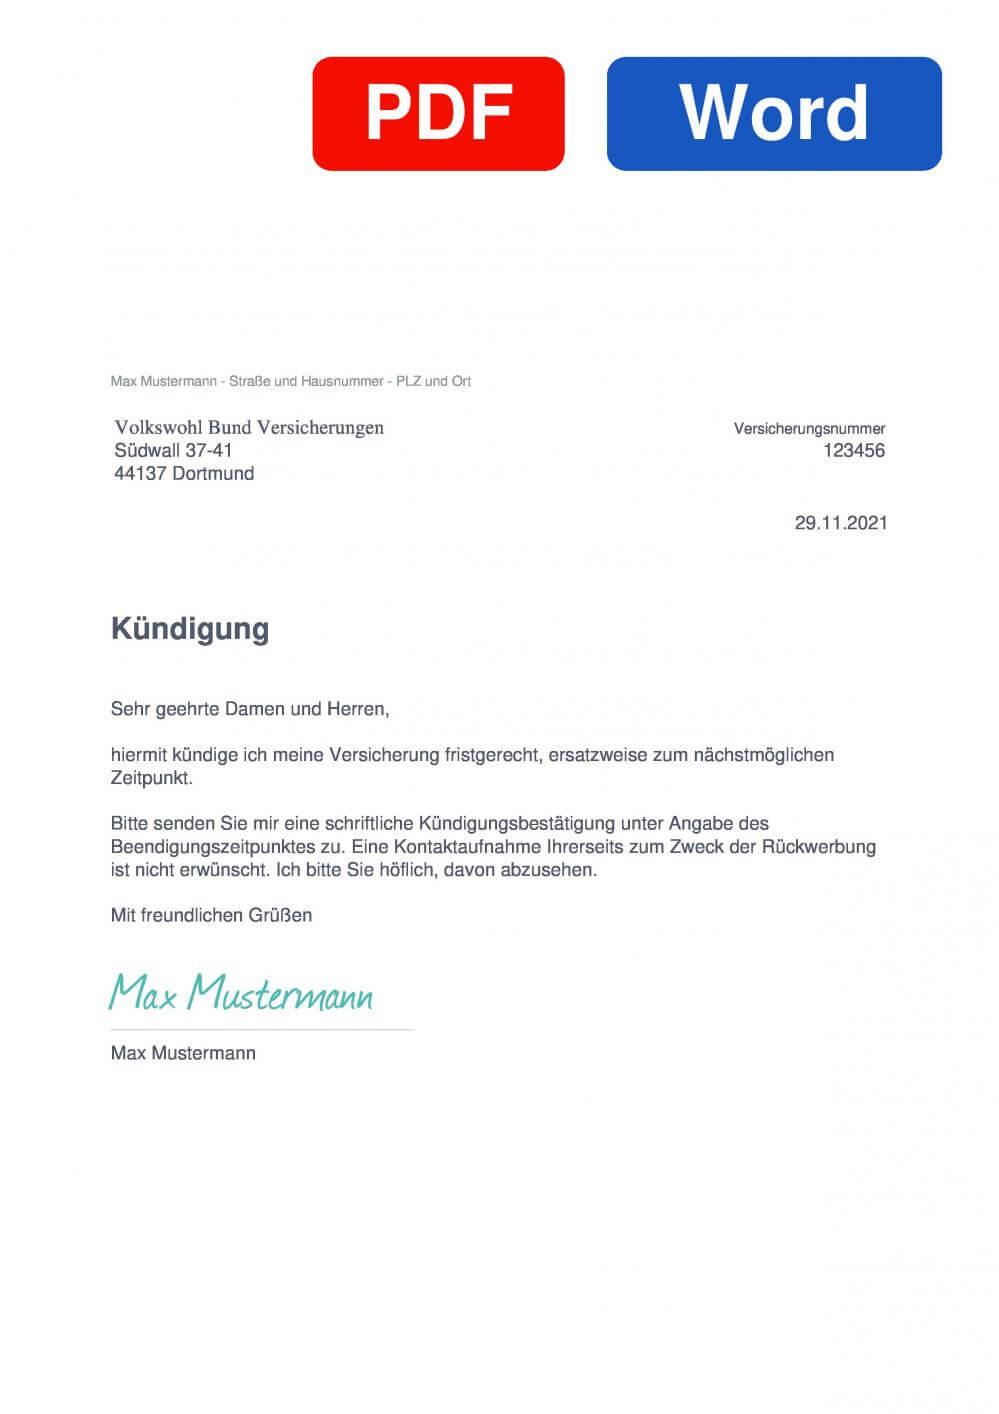 Volkswohl Bund Lebensversicherung Muster Vorlage für Kündigungsschreiben